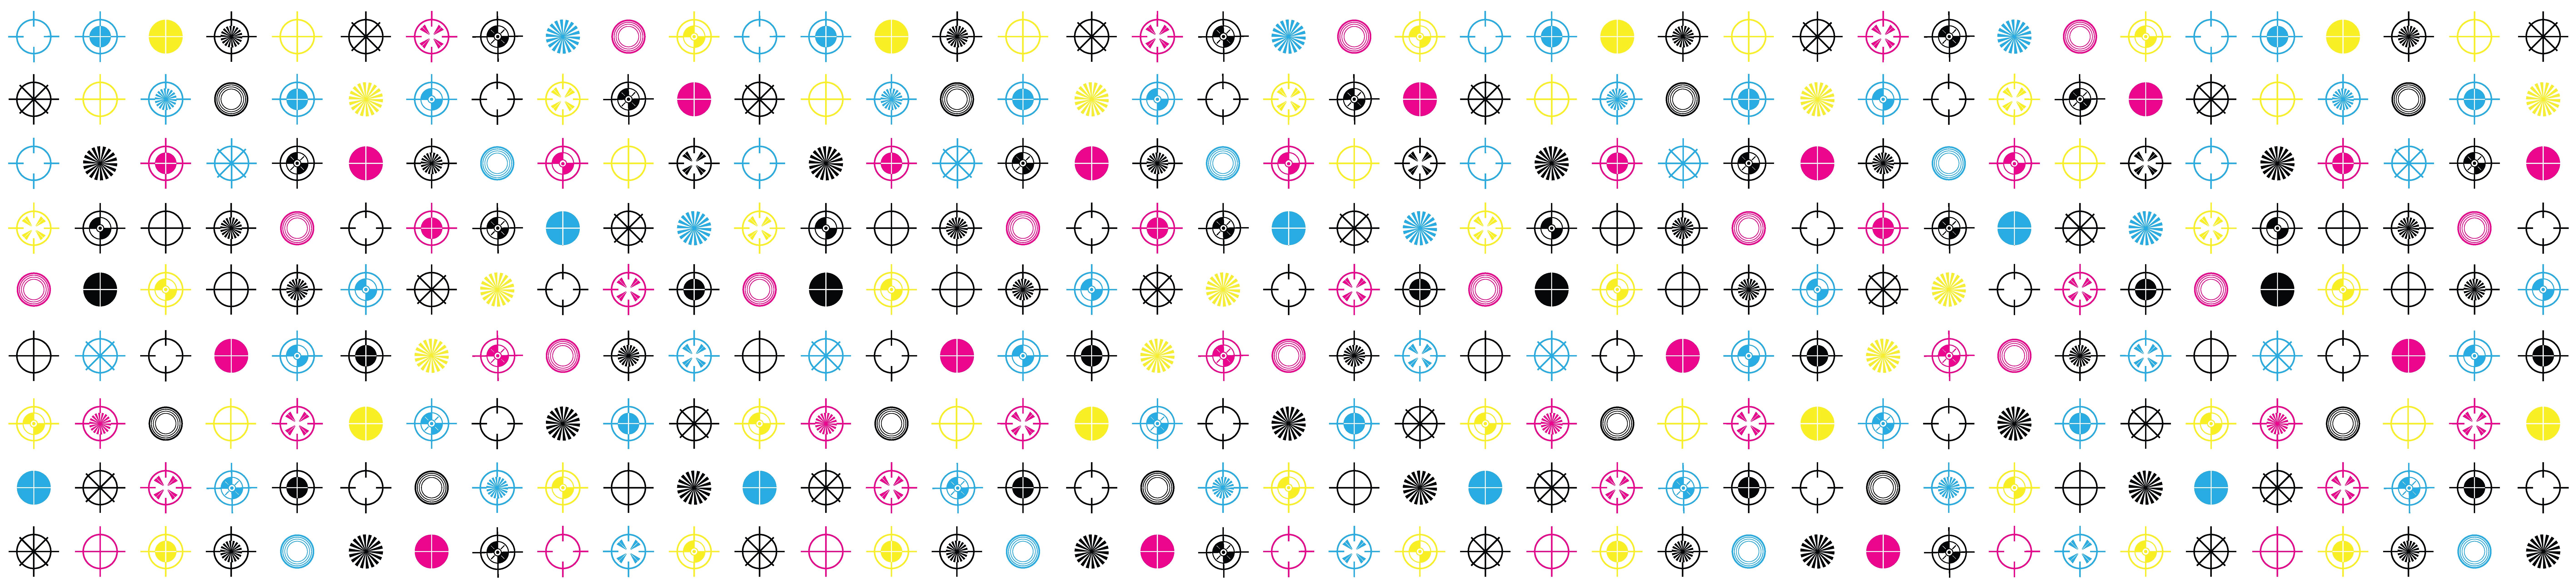 MWNY_pattern-01